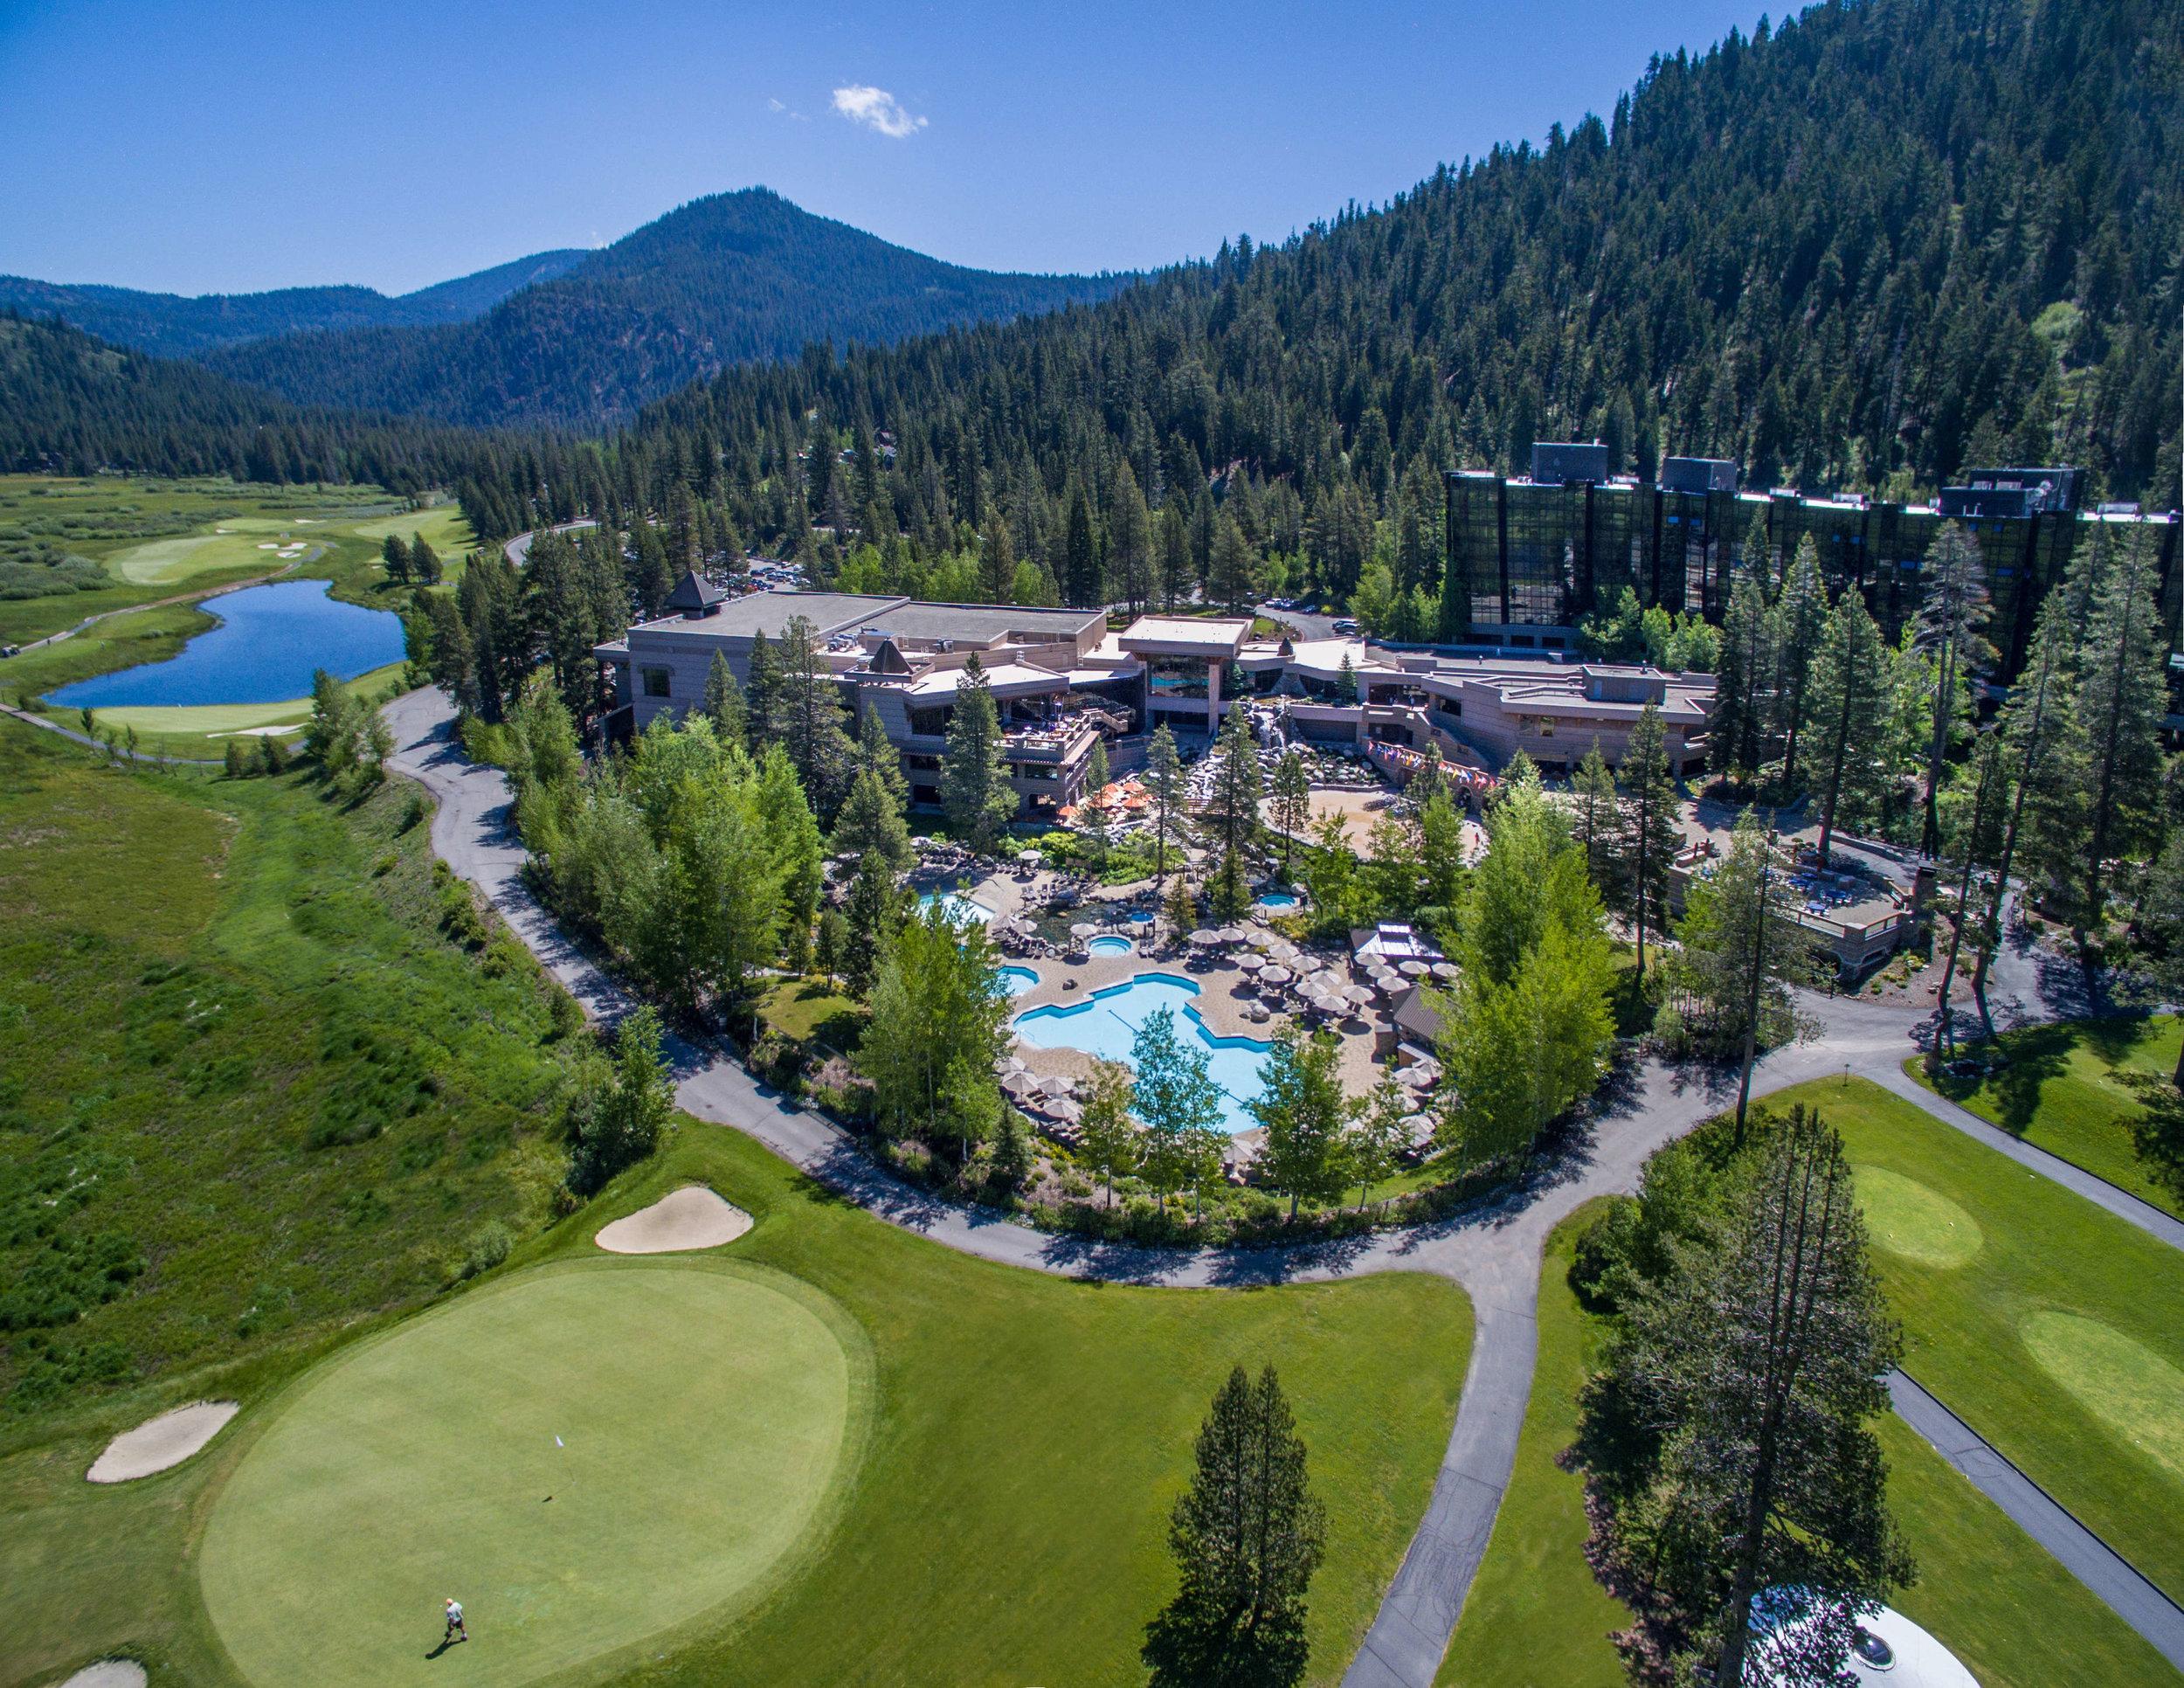 Resort at Squaw Creek_Exterior_Aerial view SZ100.jpg